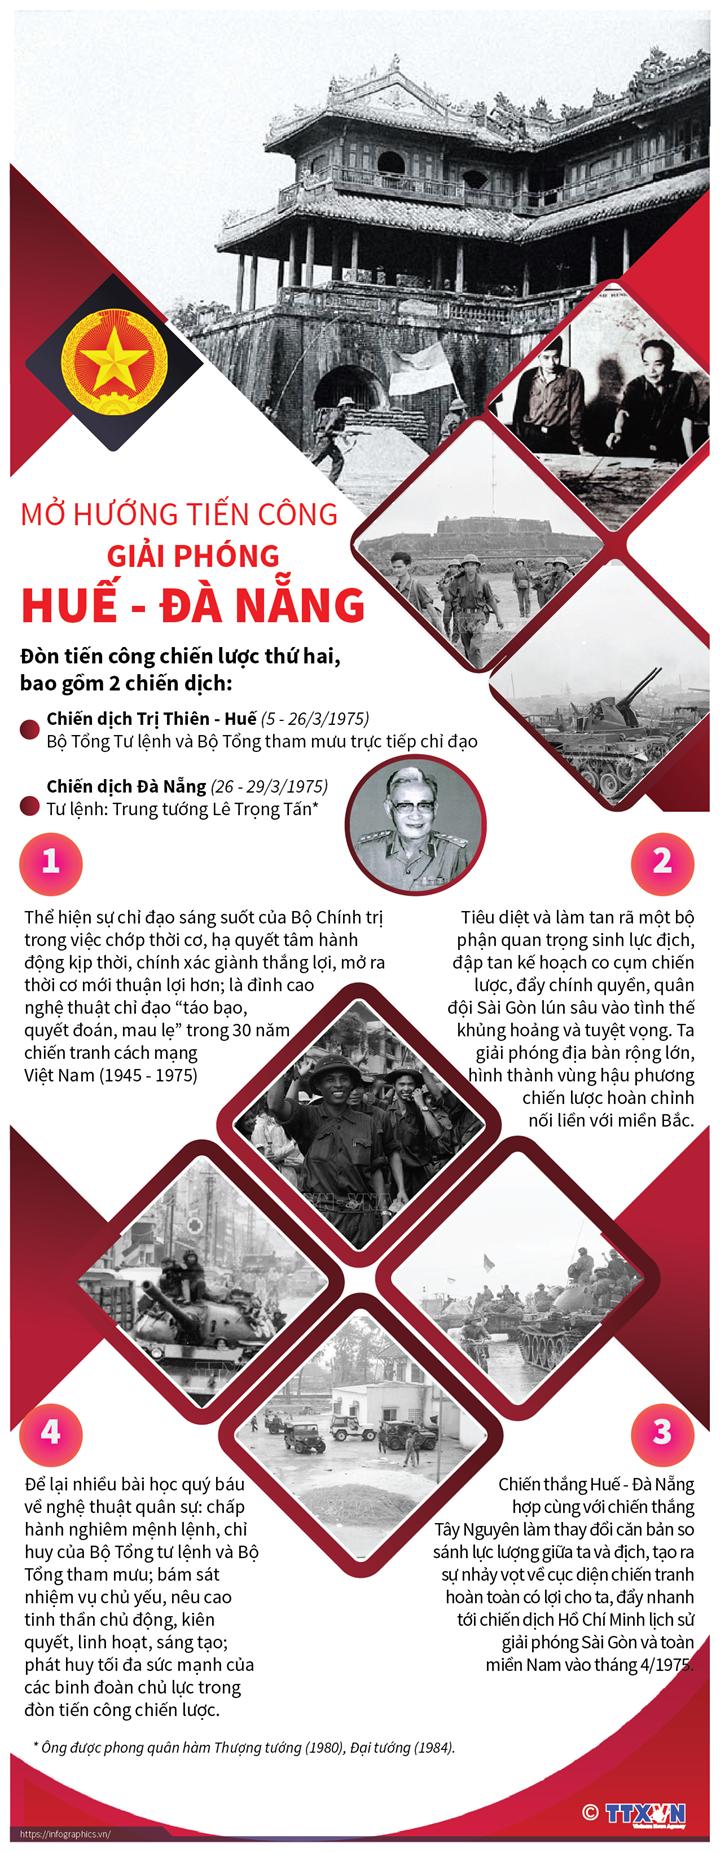 Mở hướng tiến công giải phóng Huế-Đà Nẵng